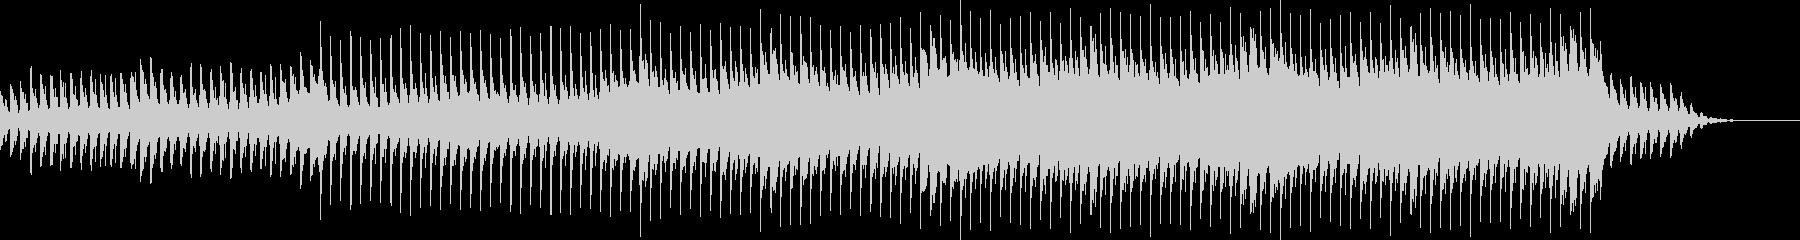 Corporate Piano 138の未再生の波形